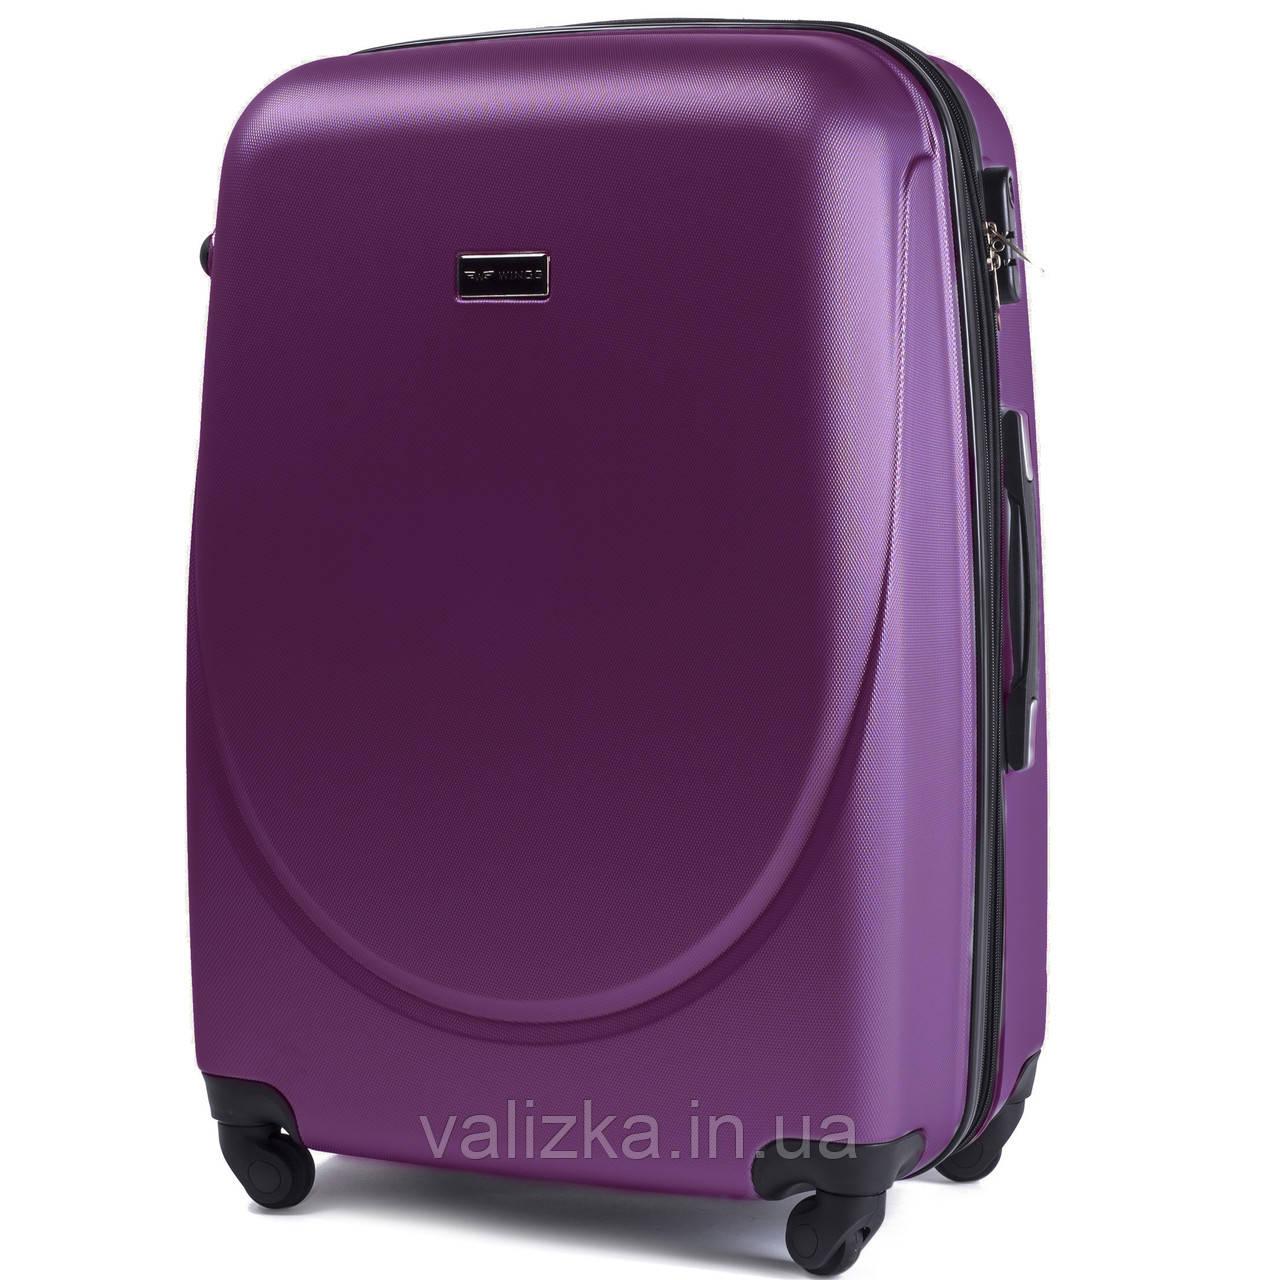 Большой пластиковый чемодан Wings 310  темно-фиолетовый